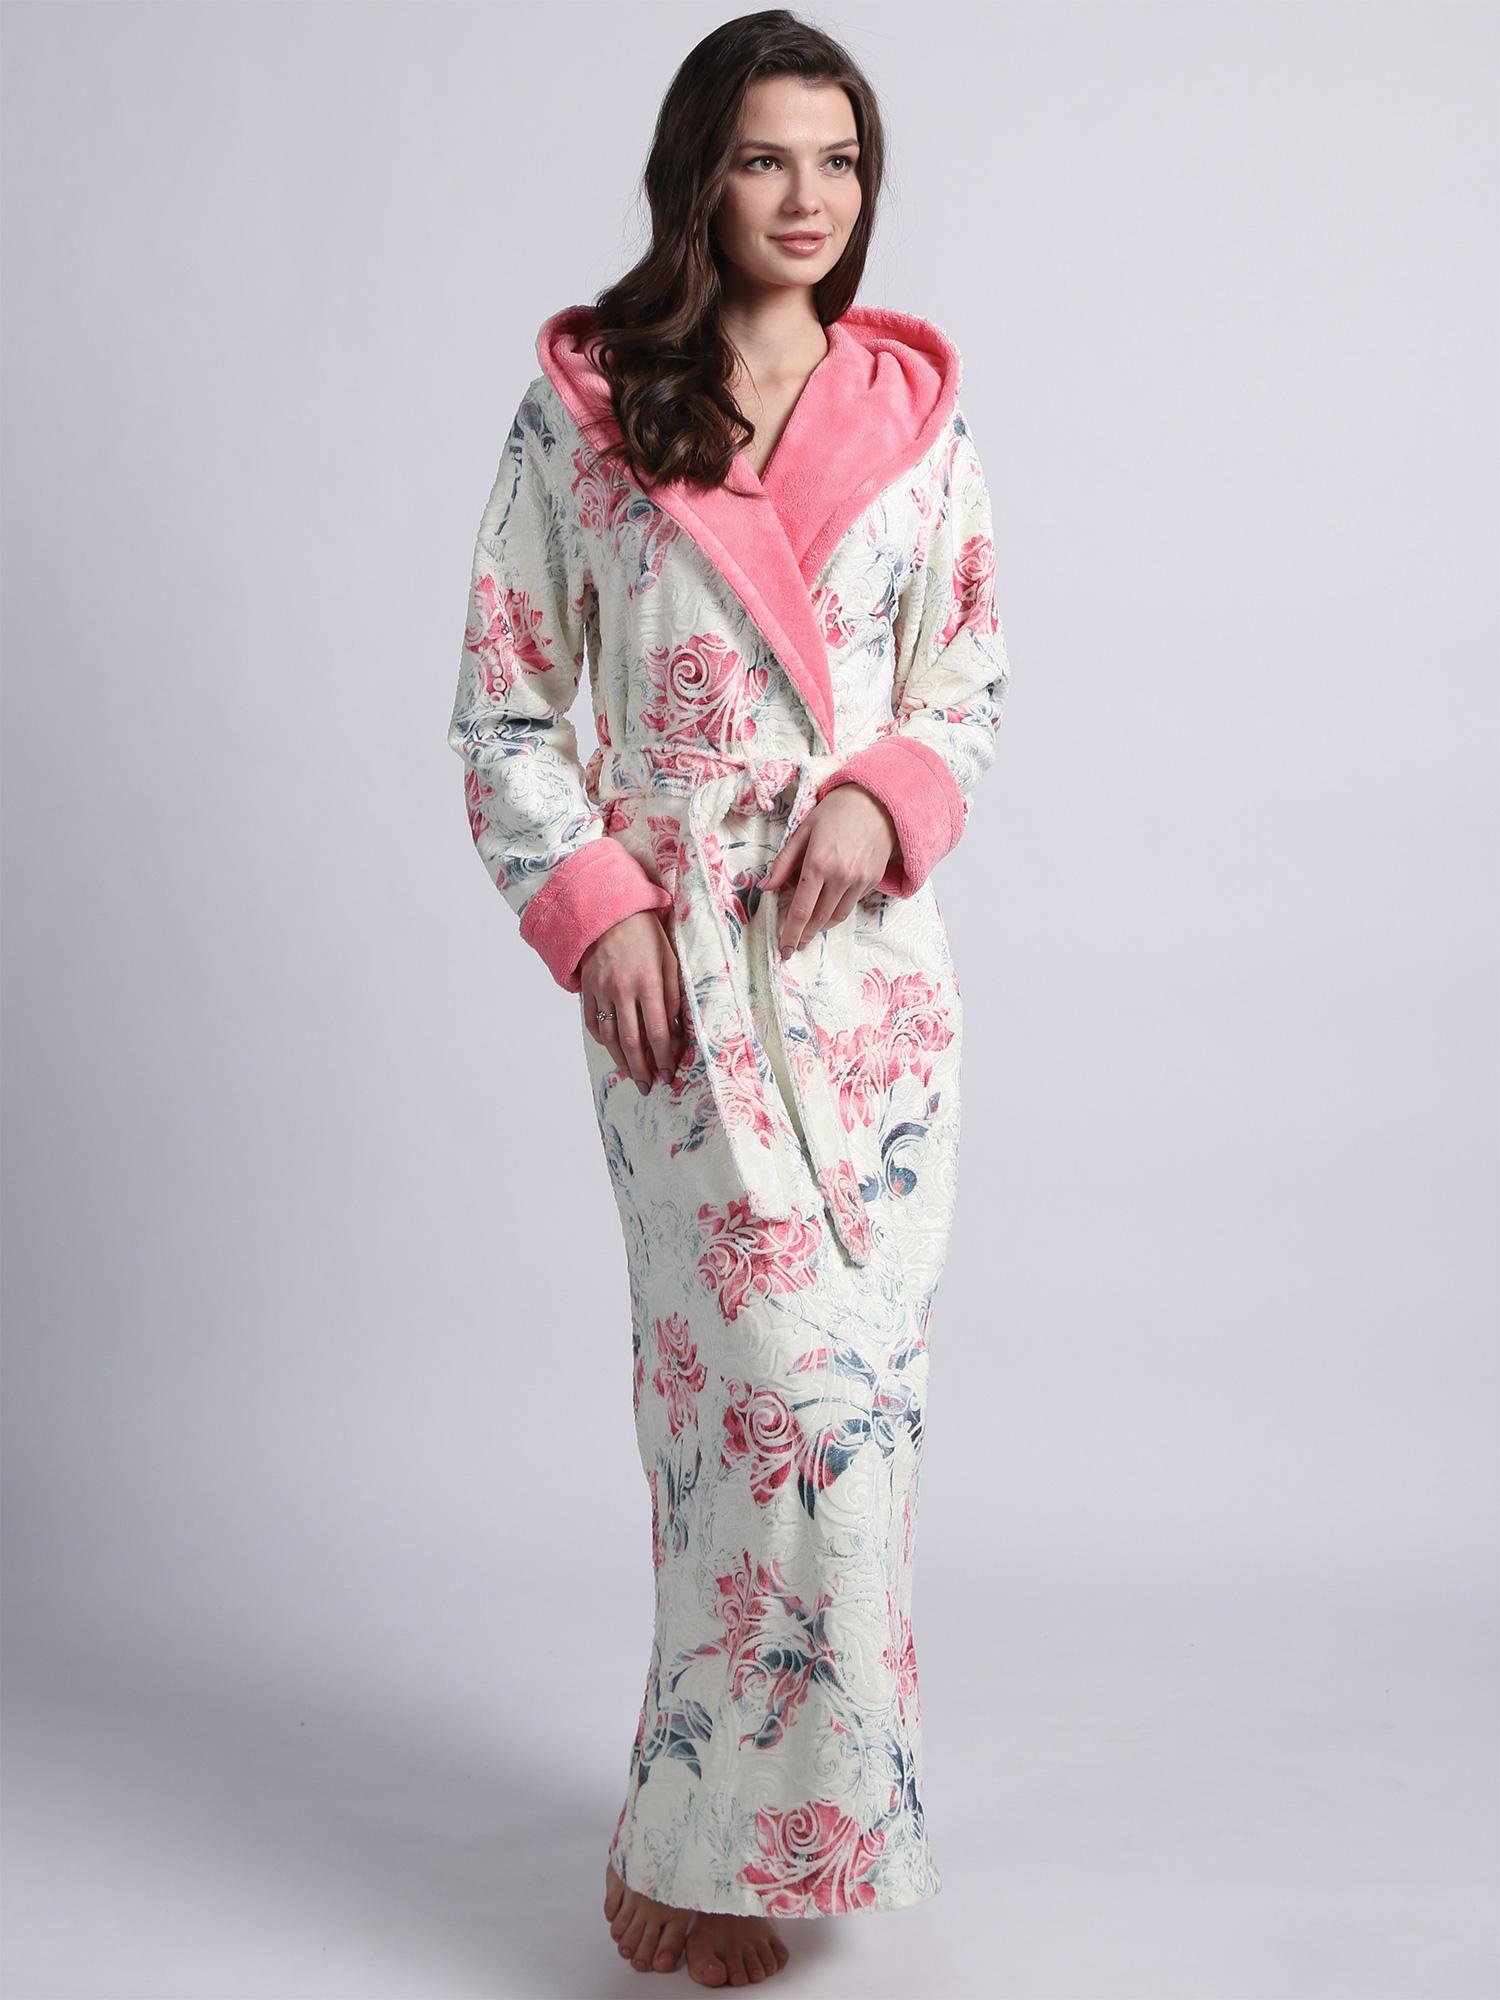 Женский длинный халат с капюшоном 1111 Rosaline ярко-розовый Wien